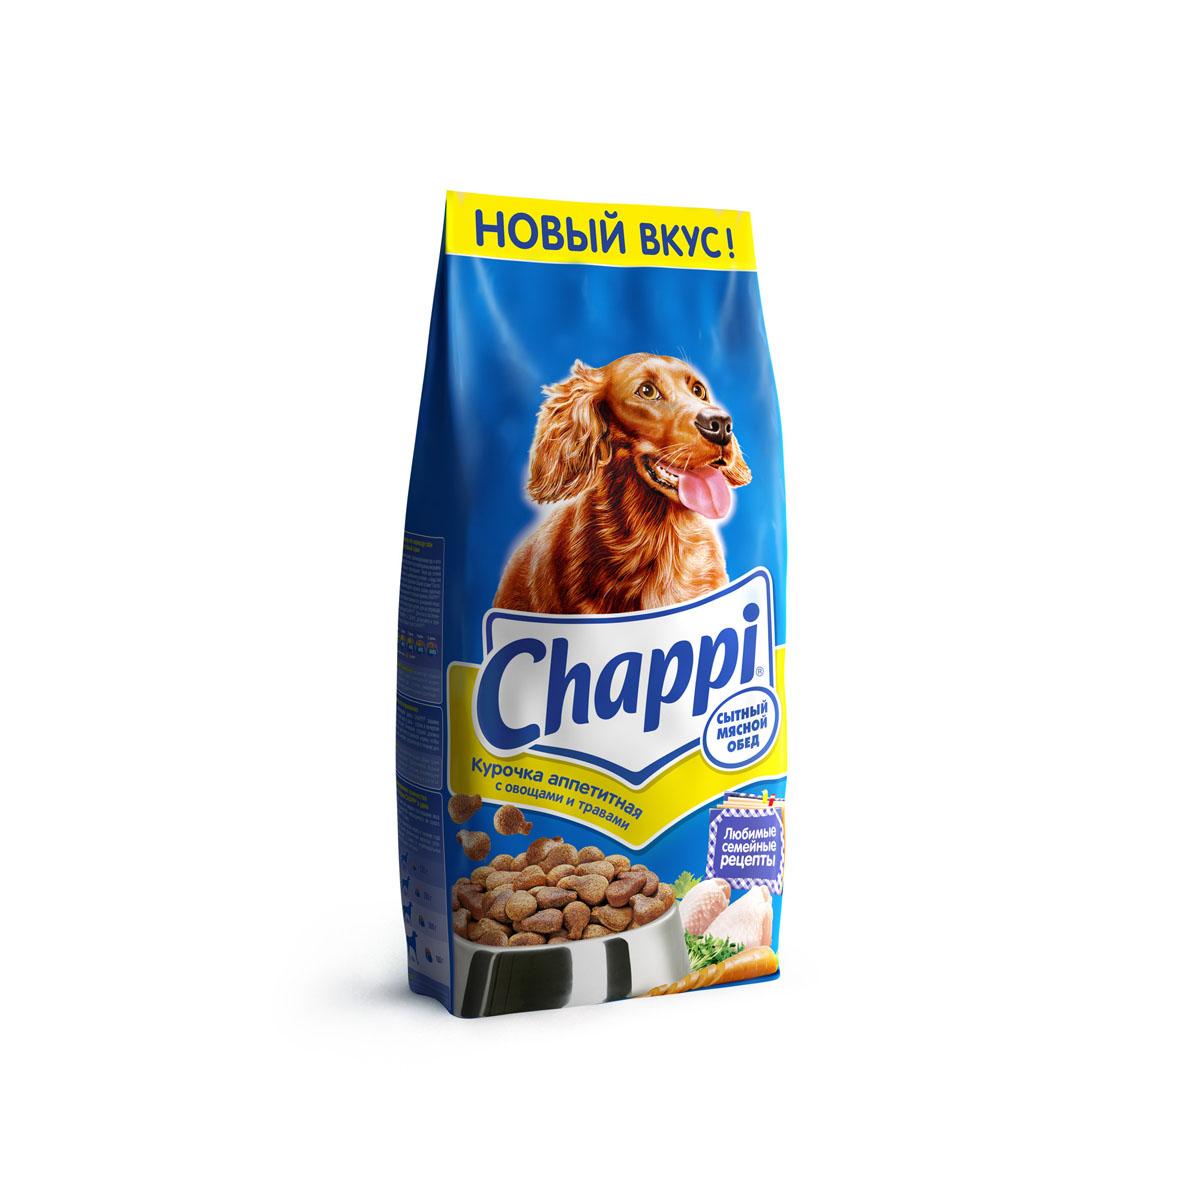 Корм сухой для собак Chappi Сытный мясной обед, курочка аппетитная, 15 кг25359Сухой корм Chappi Сытный мясной обед - это специально разработанная еда для собак с оптимально сбалансированным содержанием белков, витаминов и микроэлементов.Уникальная формула Chappi включает в себя все необходимые для здоровья компоненты: - мясо - для силы и энергии в течение дня; - овощи, травы и злаки - для отличного пищеварения; - масла и жиры - для блестящей шерсти и здоровой кожи; - кальций - для крепких зубов и костей; - витамины - для защиты здоровья; - минералы - для подержания собаки в оптимальной форме.Корм Chappi идеально подходит для вашего любимца как надежный источник жизненных сил. Состав: злаки, мясо и субпродукты, жиры животного происхождения, морковь, люцерна, растительные масла, минеральные вещества, витамины.Пищевая ценность в 100 г: белок - 18 г, жиры - 10 г, клетчатка - 7 г, влажность - не более 10 г, зола - 7 г, кальций - 0,8 г, фосфор - 0,6 г, витамин А - 500 МЕ, витамин D - 50 МЕ, витамин Е - 8 мг, витамины В2, В12, пантотеновая и никотиновая кислоты.Энергетическая ценность в 100 г: 350 ккал.Вес: 15 кг.Товар сертифицирован.